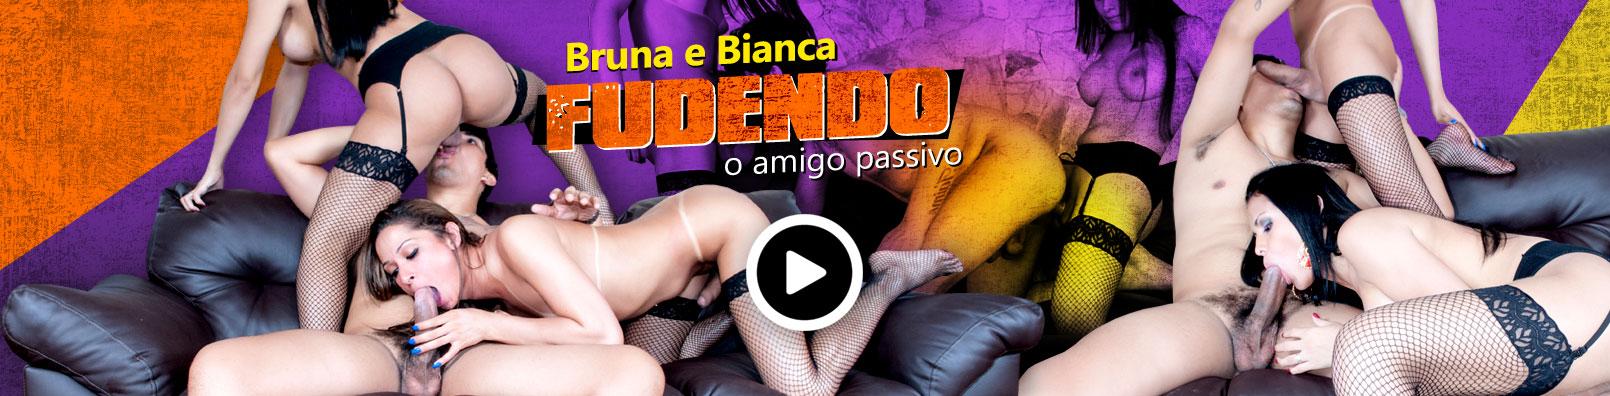 videos-travestis/bruna-e-bianca-comendo-amigo-passivo/